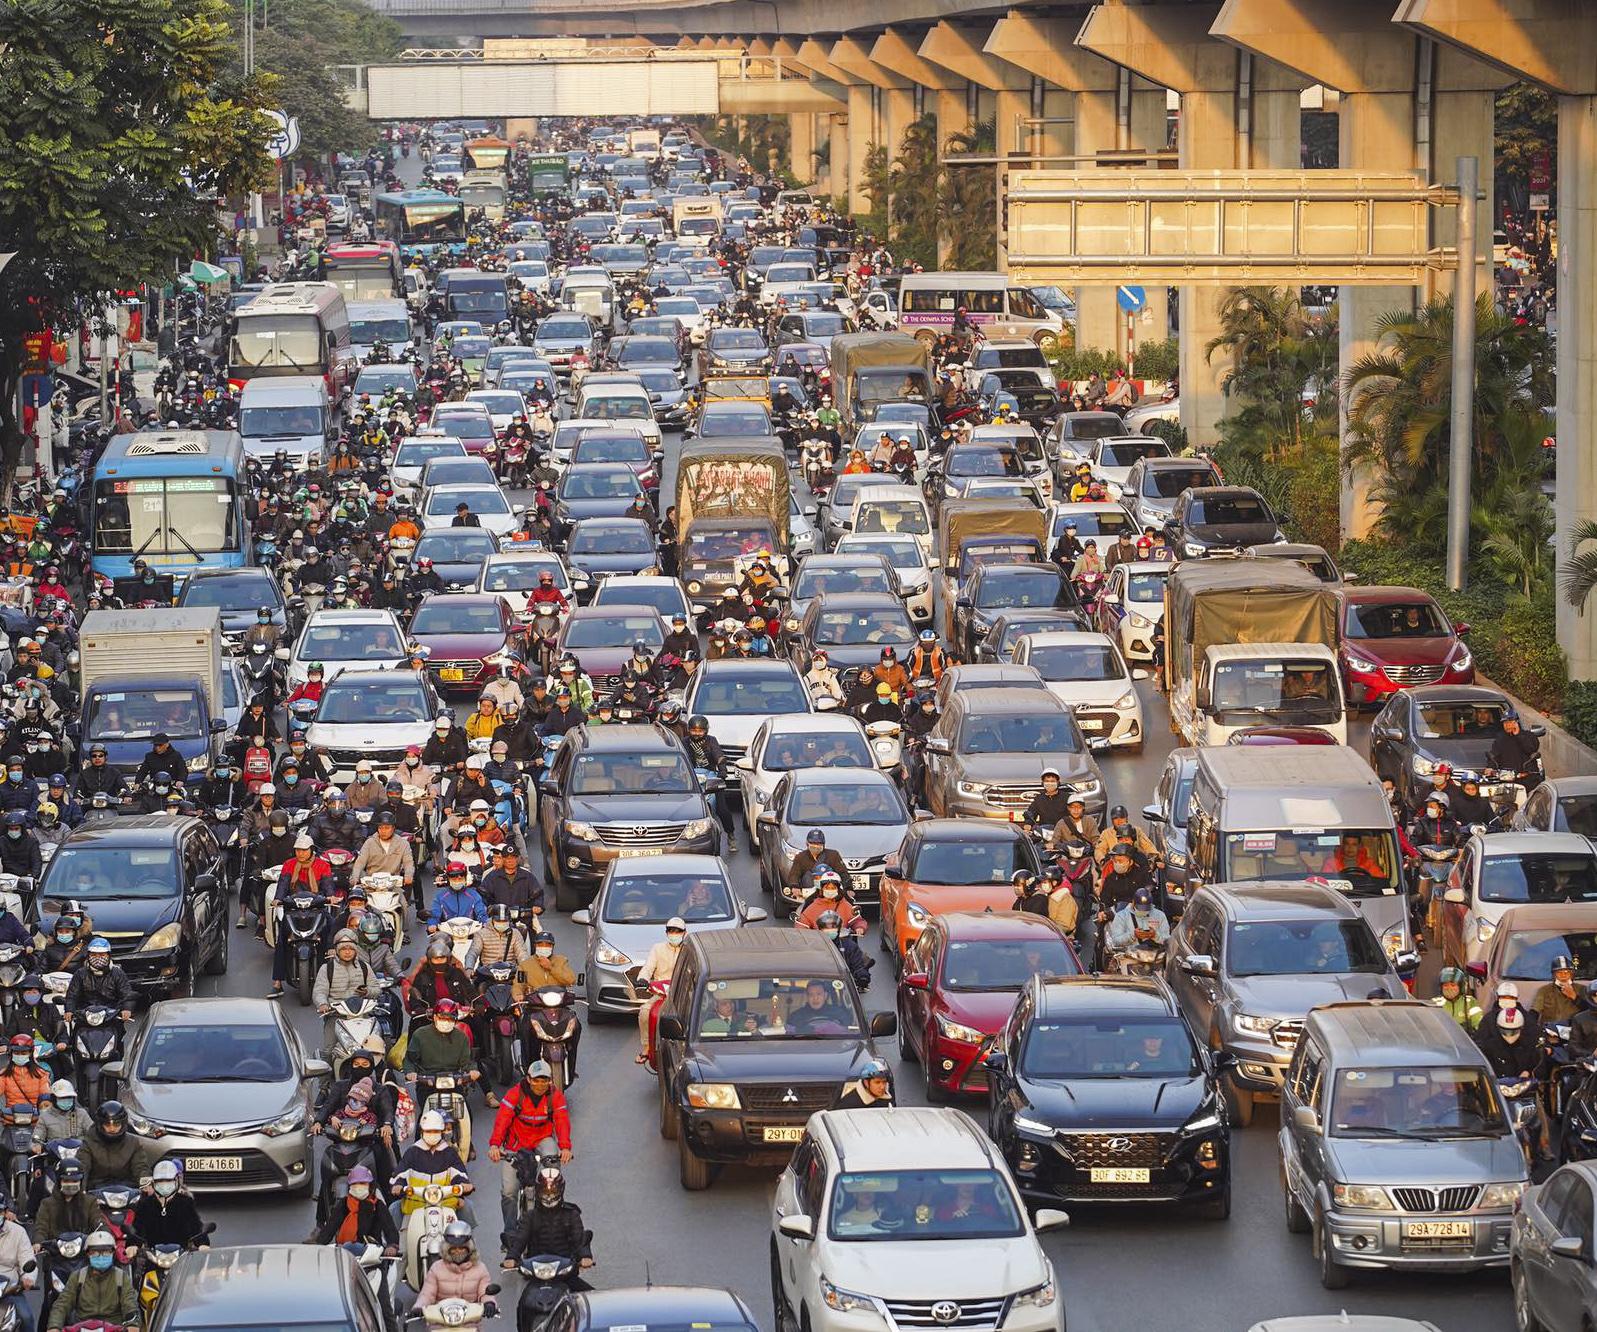 Chùm ảnh đường phố Hà Nội đông kín người từ chiều đến tối ngày cuối năm 2020 - Ảnh 1.